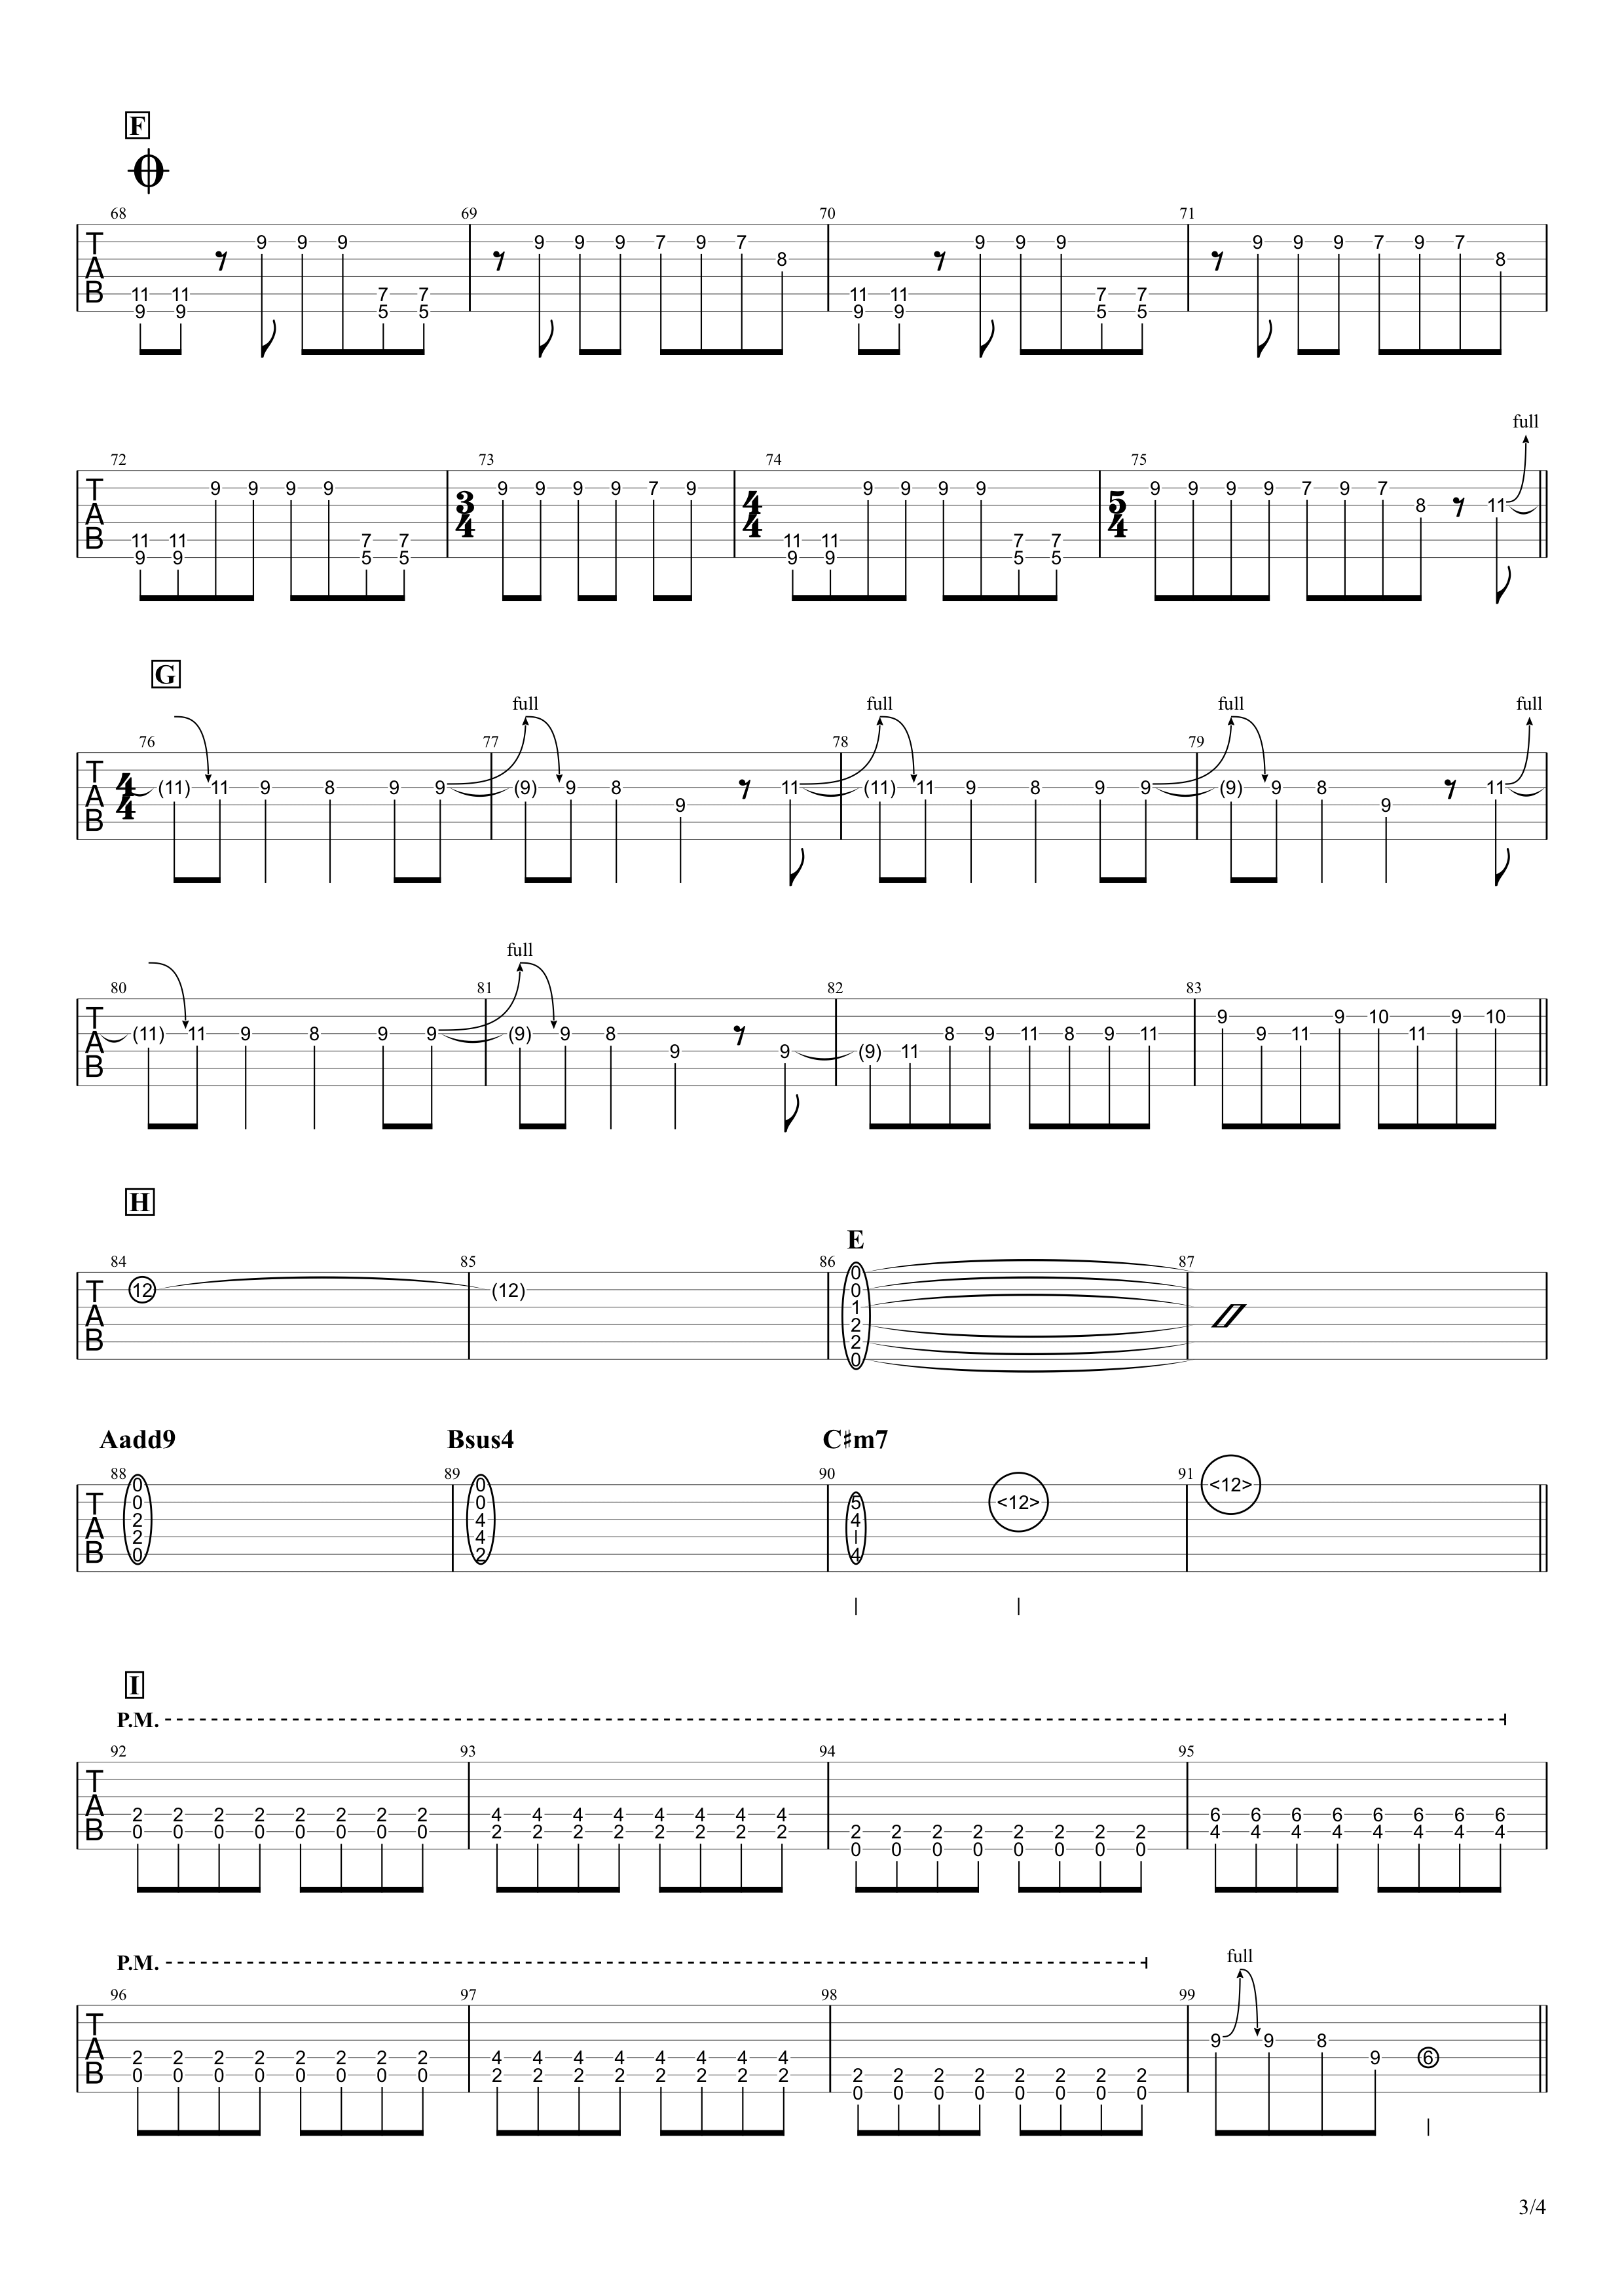 キミシダイ列車/ONE OK ROCK ギタータブ譜 リードギターほぼ完コピVer.03